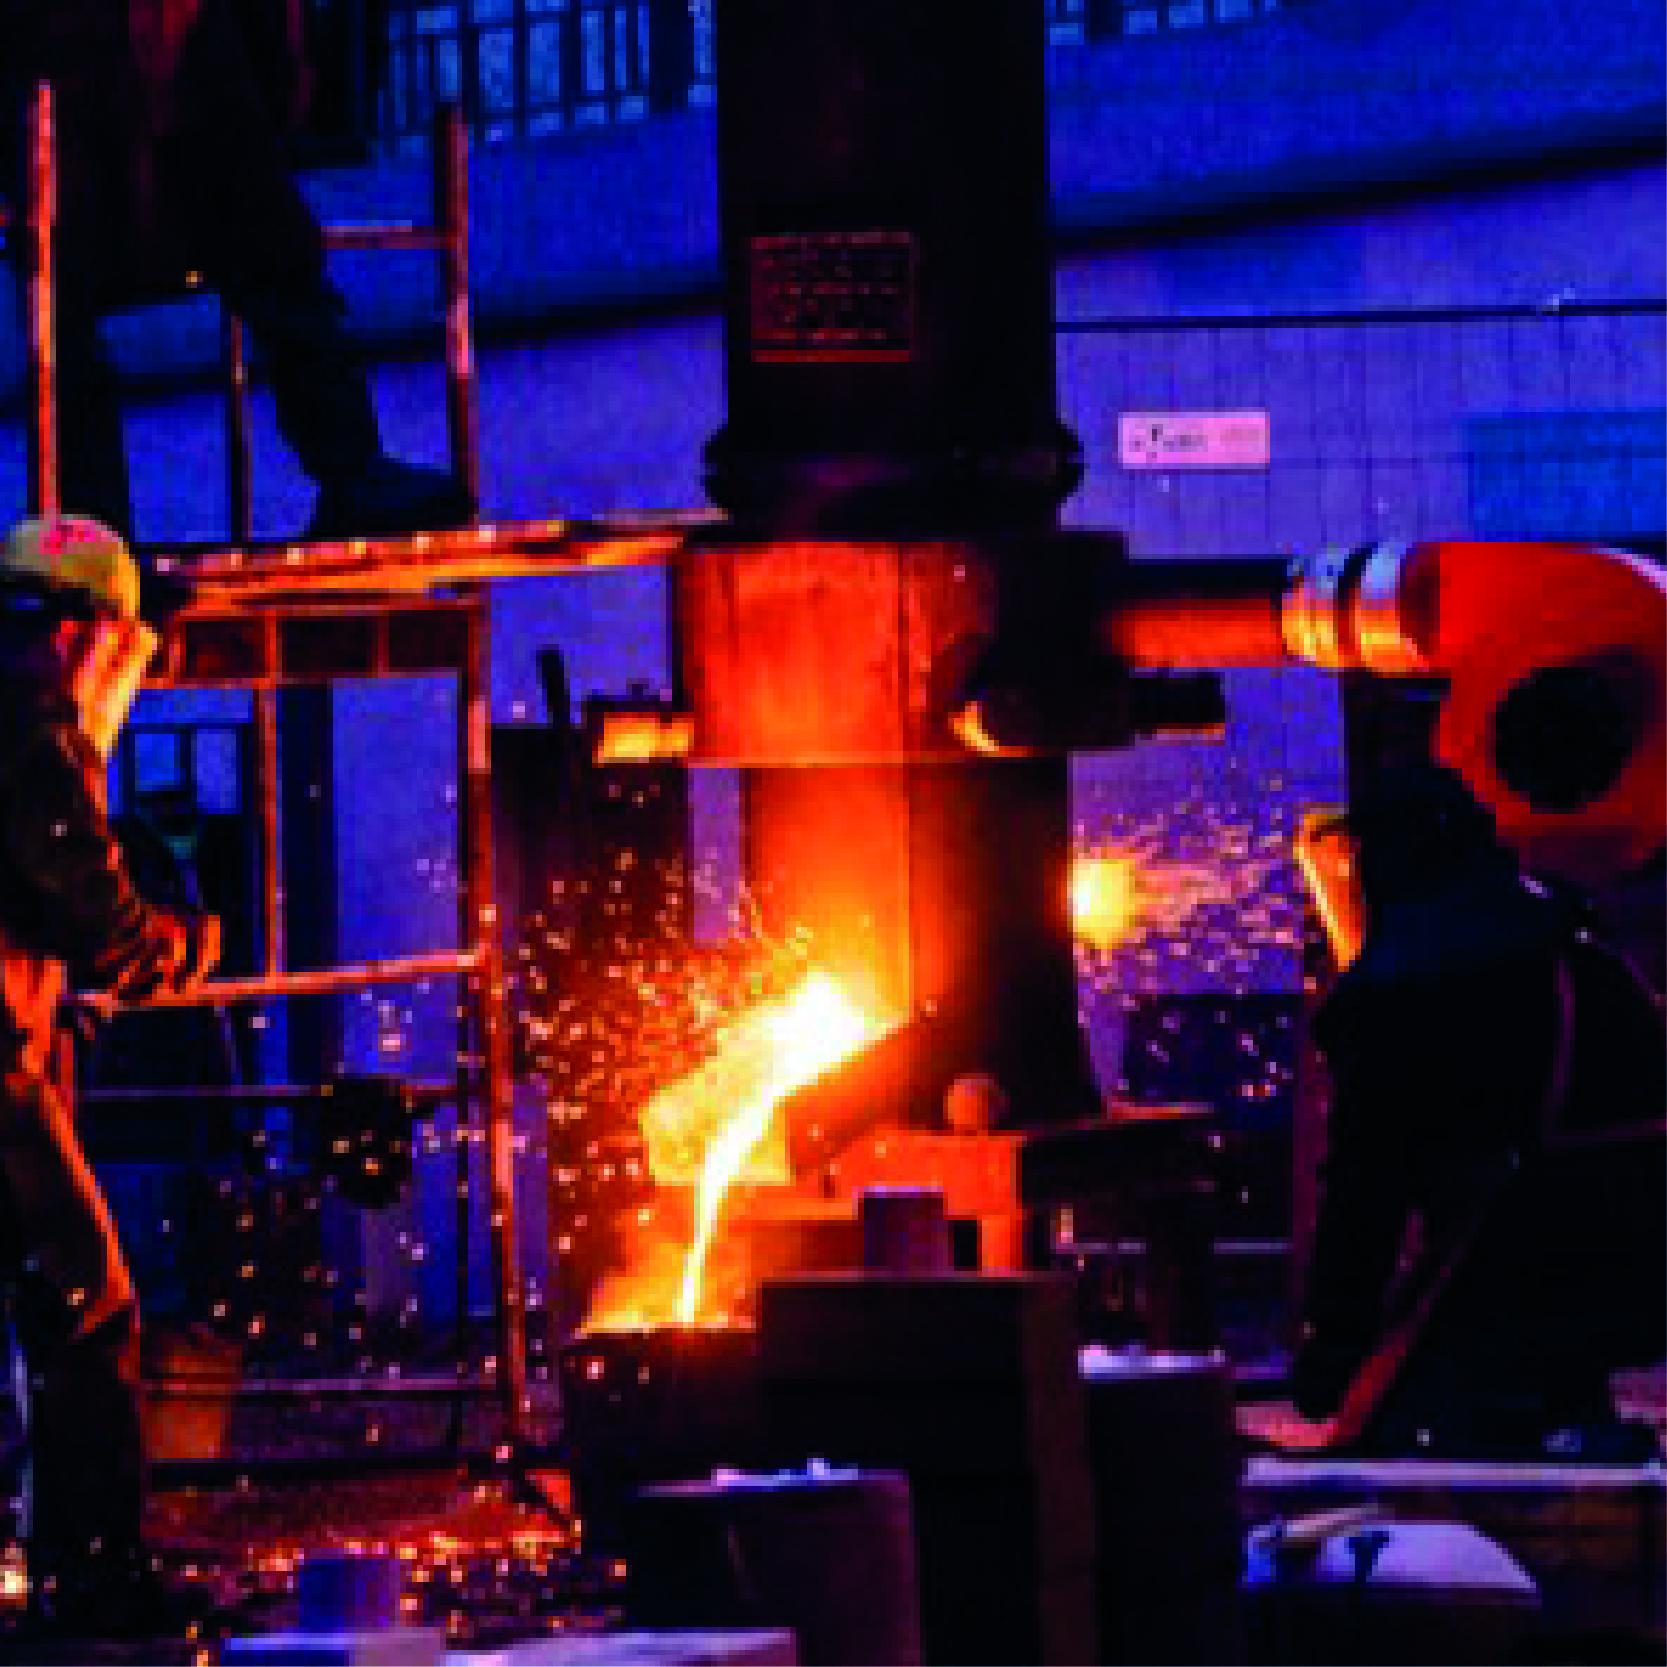 La consommation de combustibles dans l'industrie pour un usage énergétique se partage entre : 51% pour les fours et séchoirs 39% pour les chaudières.